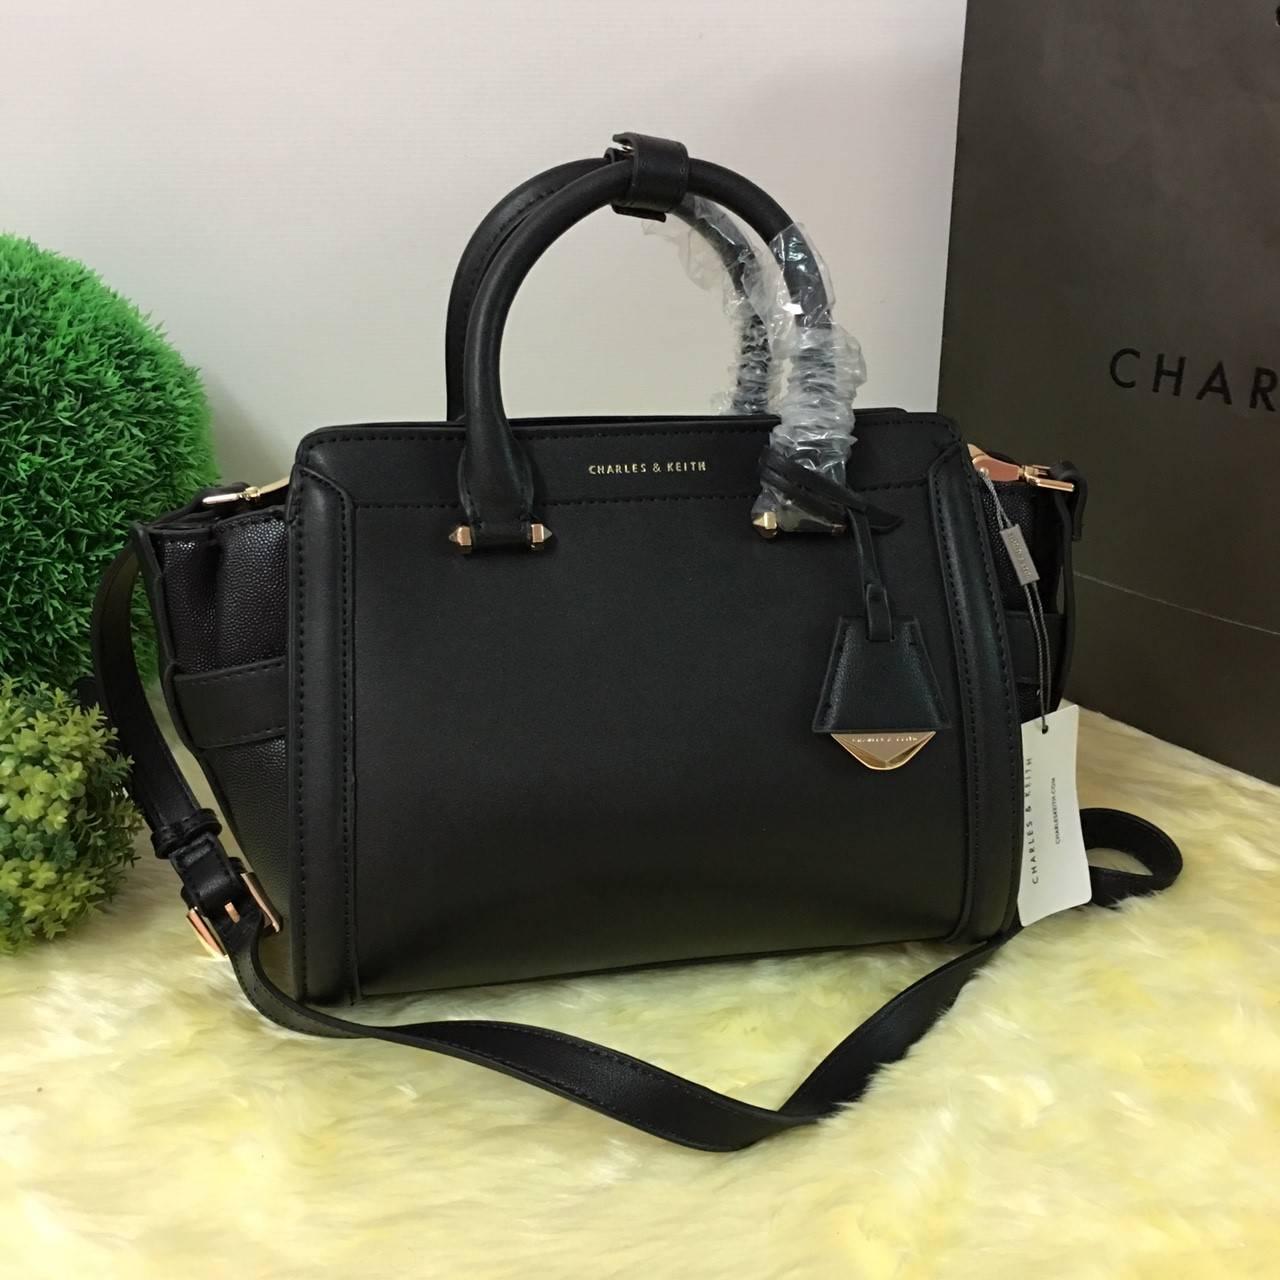 กระเป๋า CHARLES & KEITH OULET TRAPEZE BAG รุ่นหนังเรียบ สีดำ มีถุงผ้า